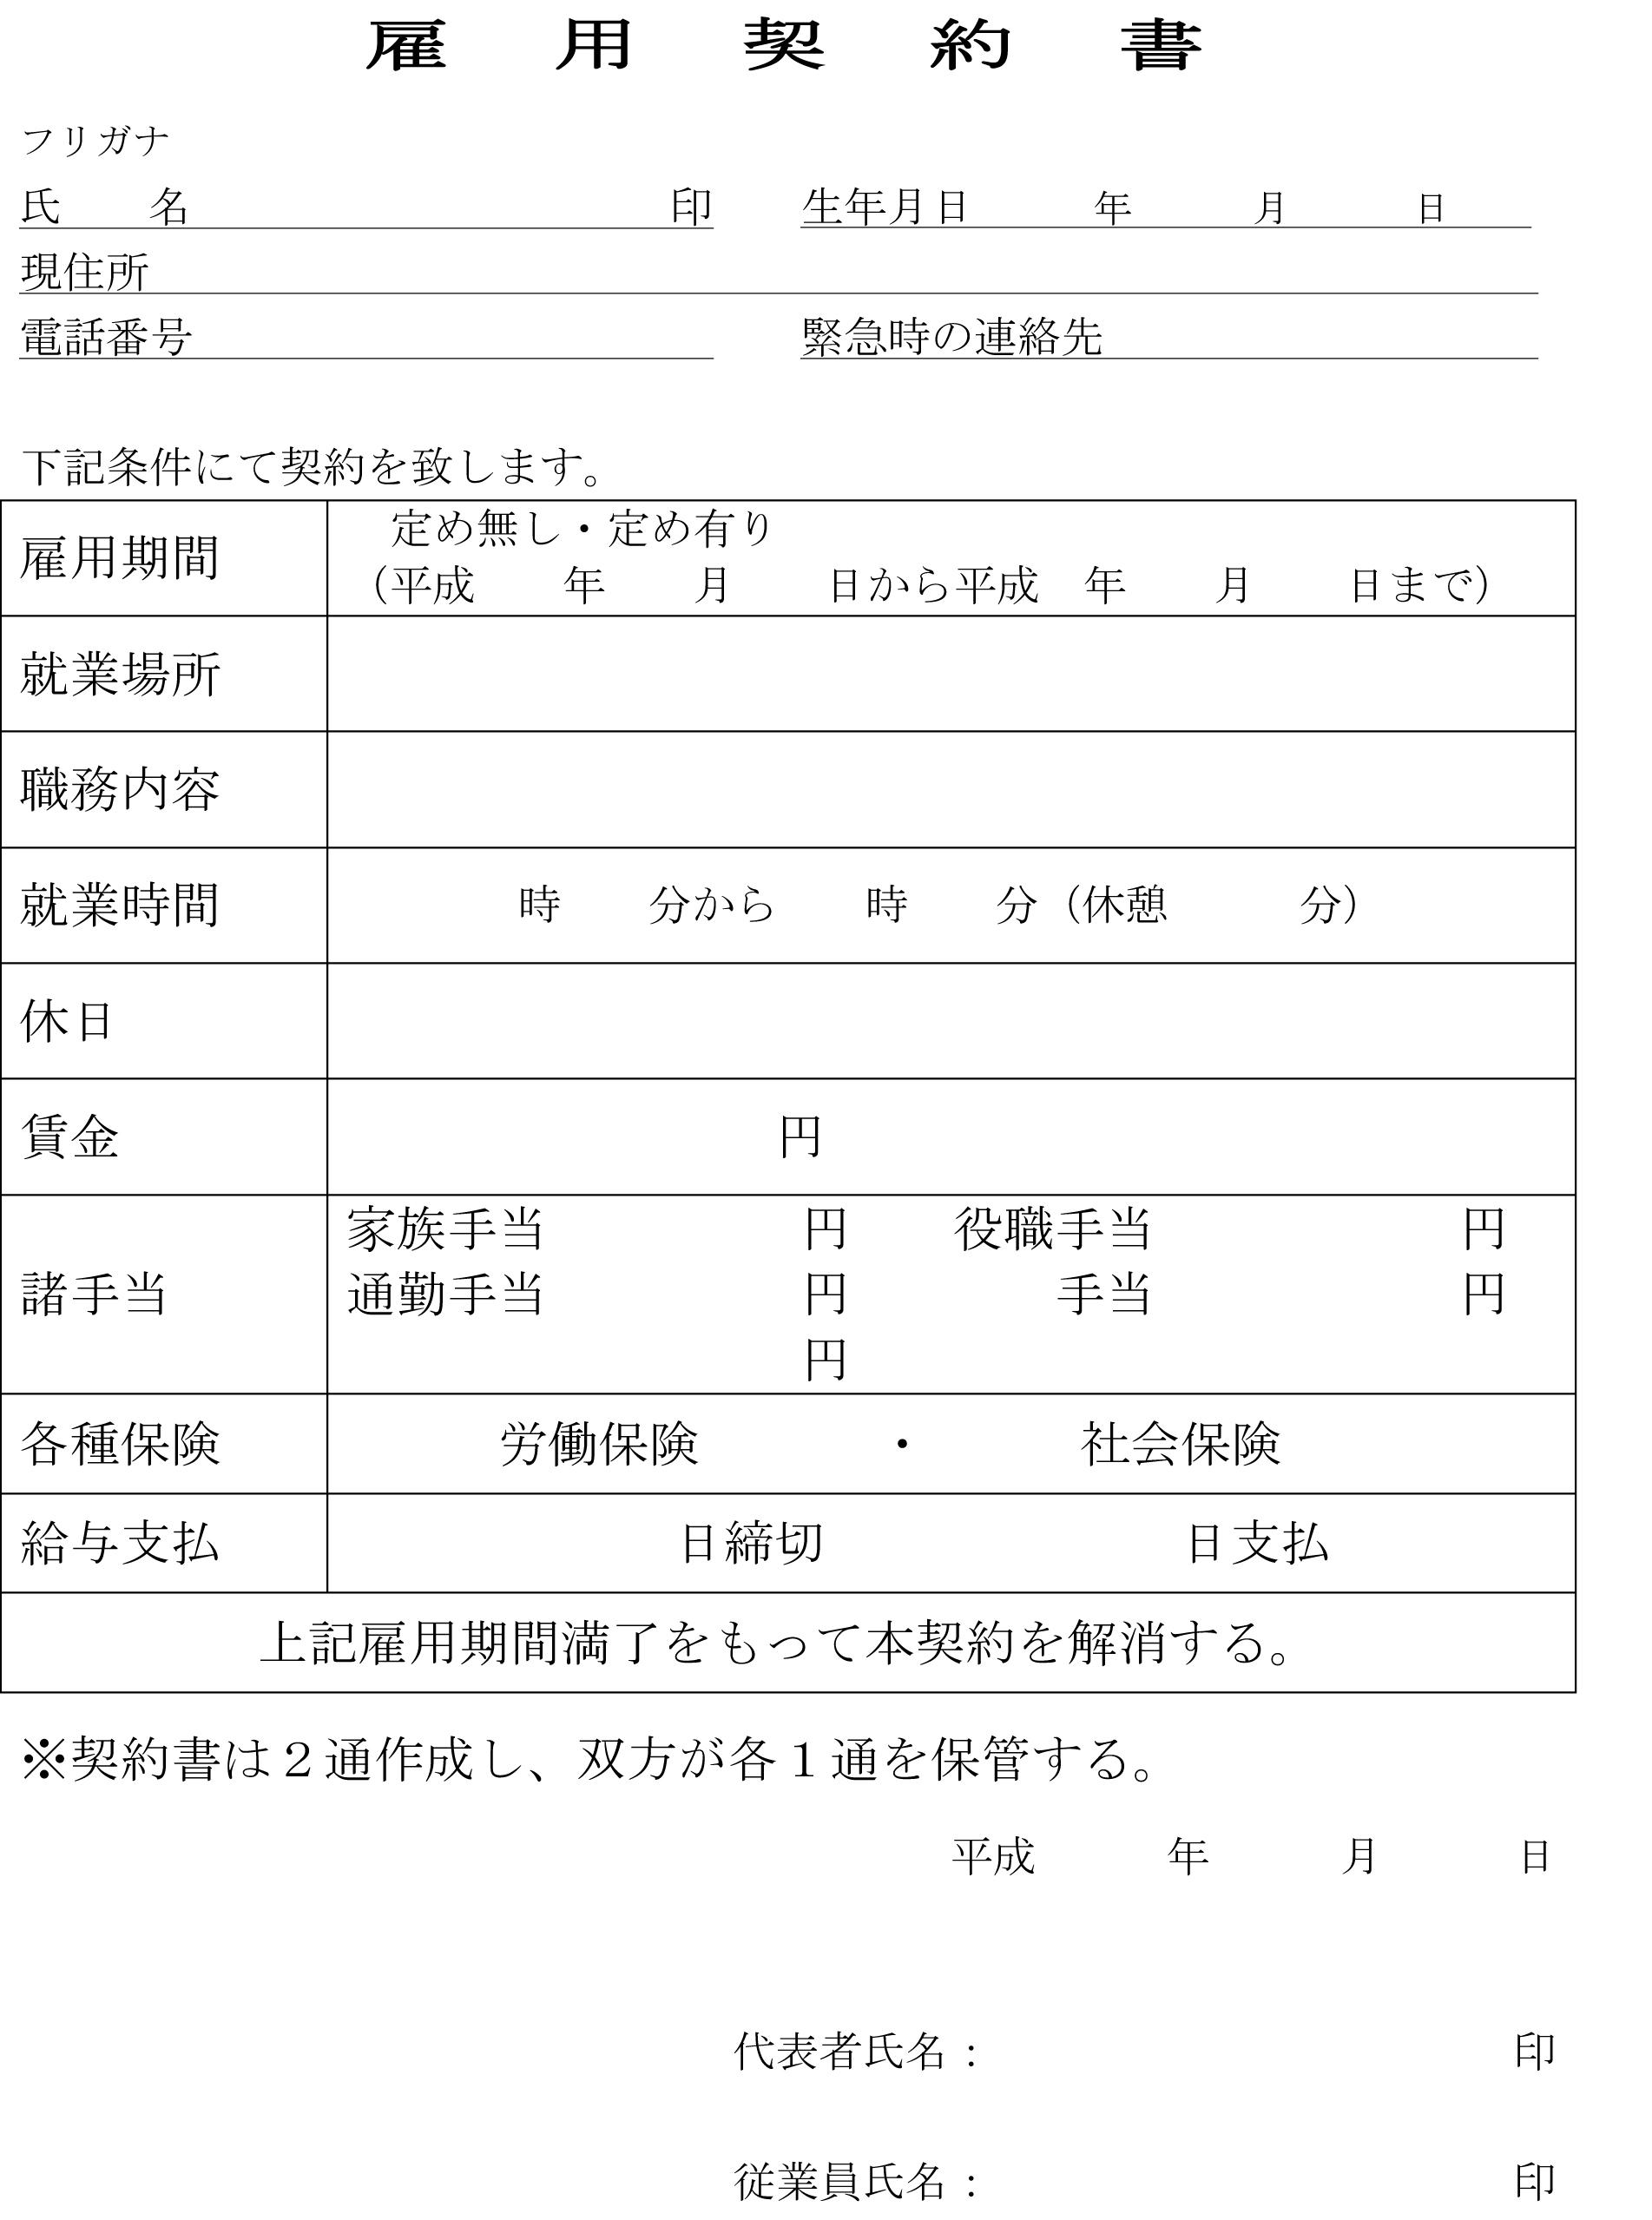 雇用契約書02